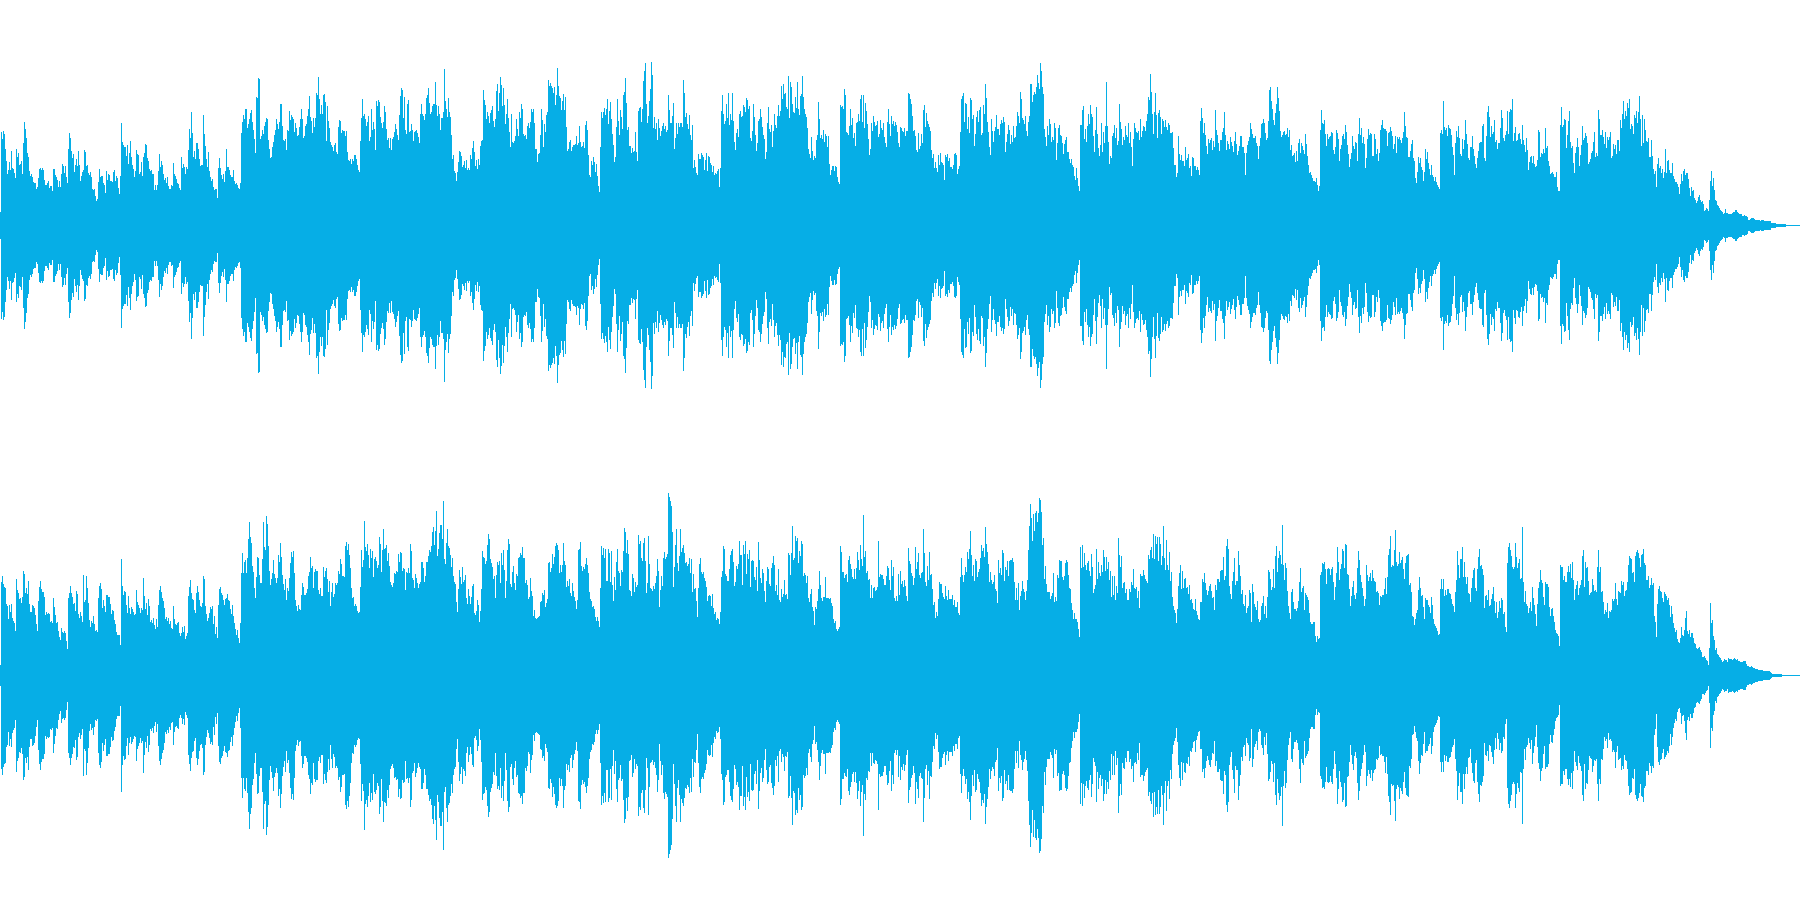 【60秒】朝焼けイメージのシンプルBGMの再生済みの波形